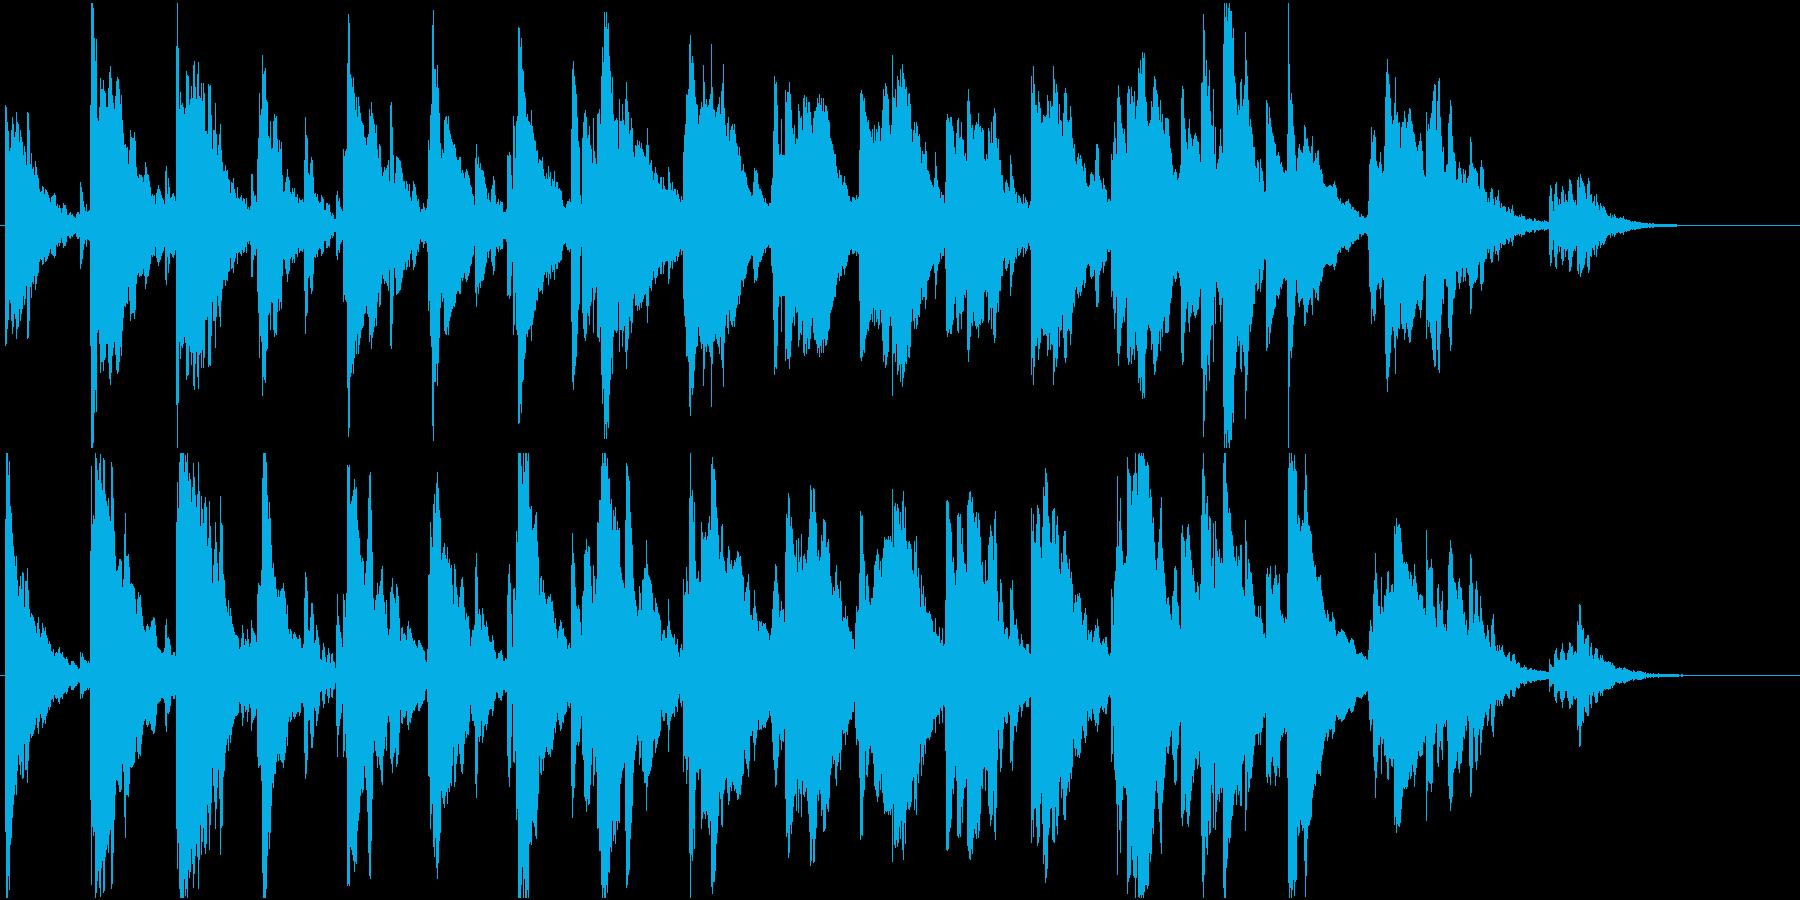 幻想的で可愛いピアノとオルゴールの楽曲の再生済みの波形